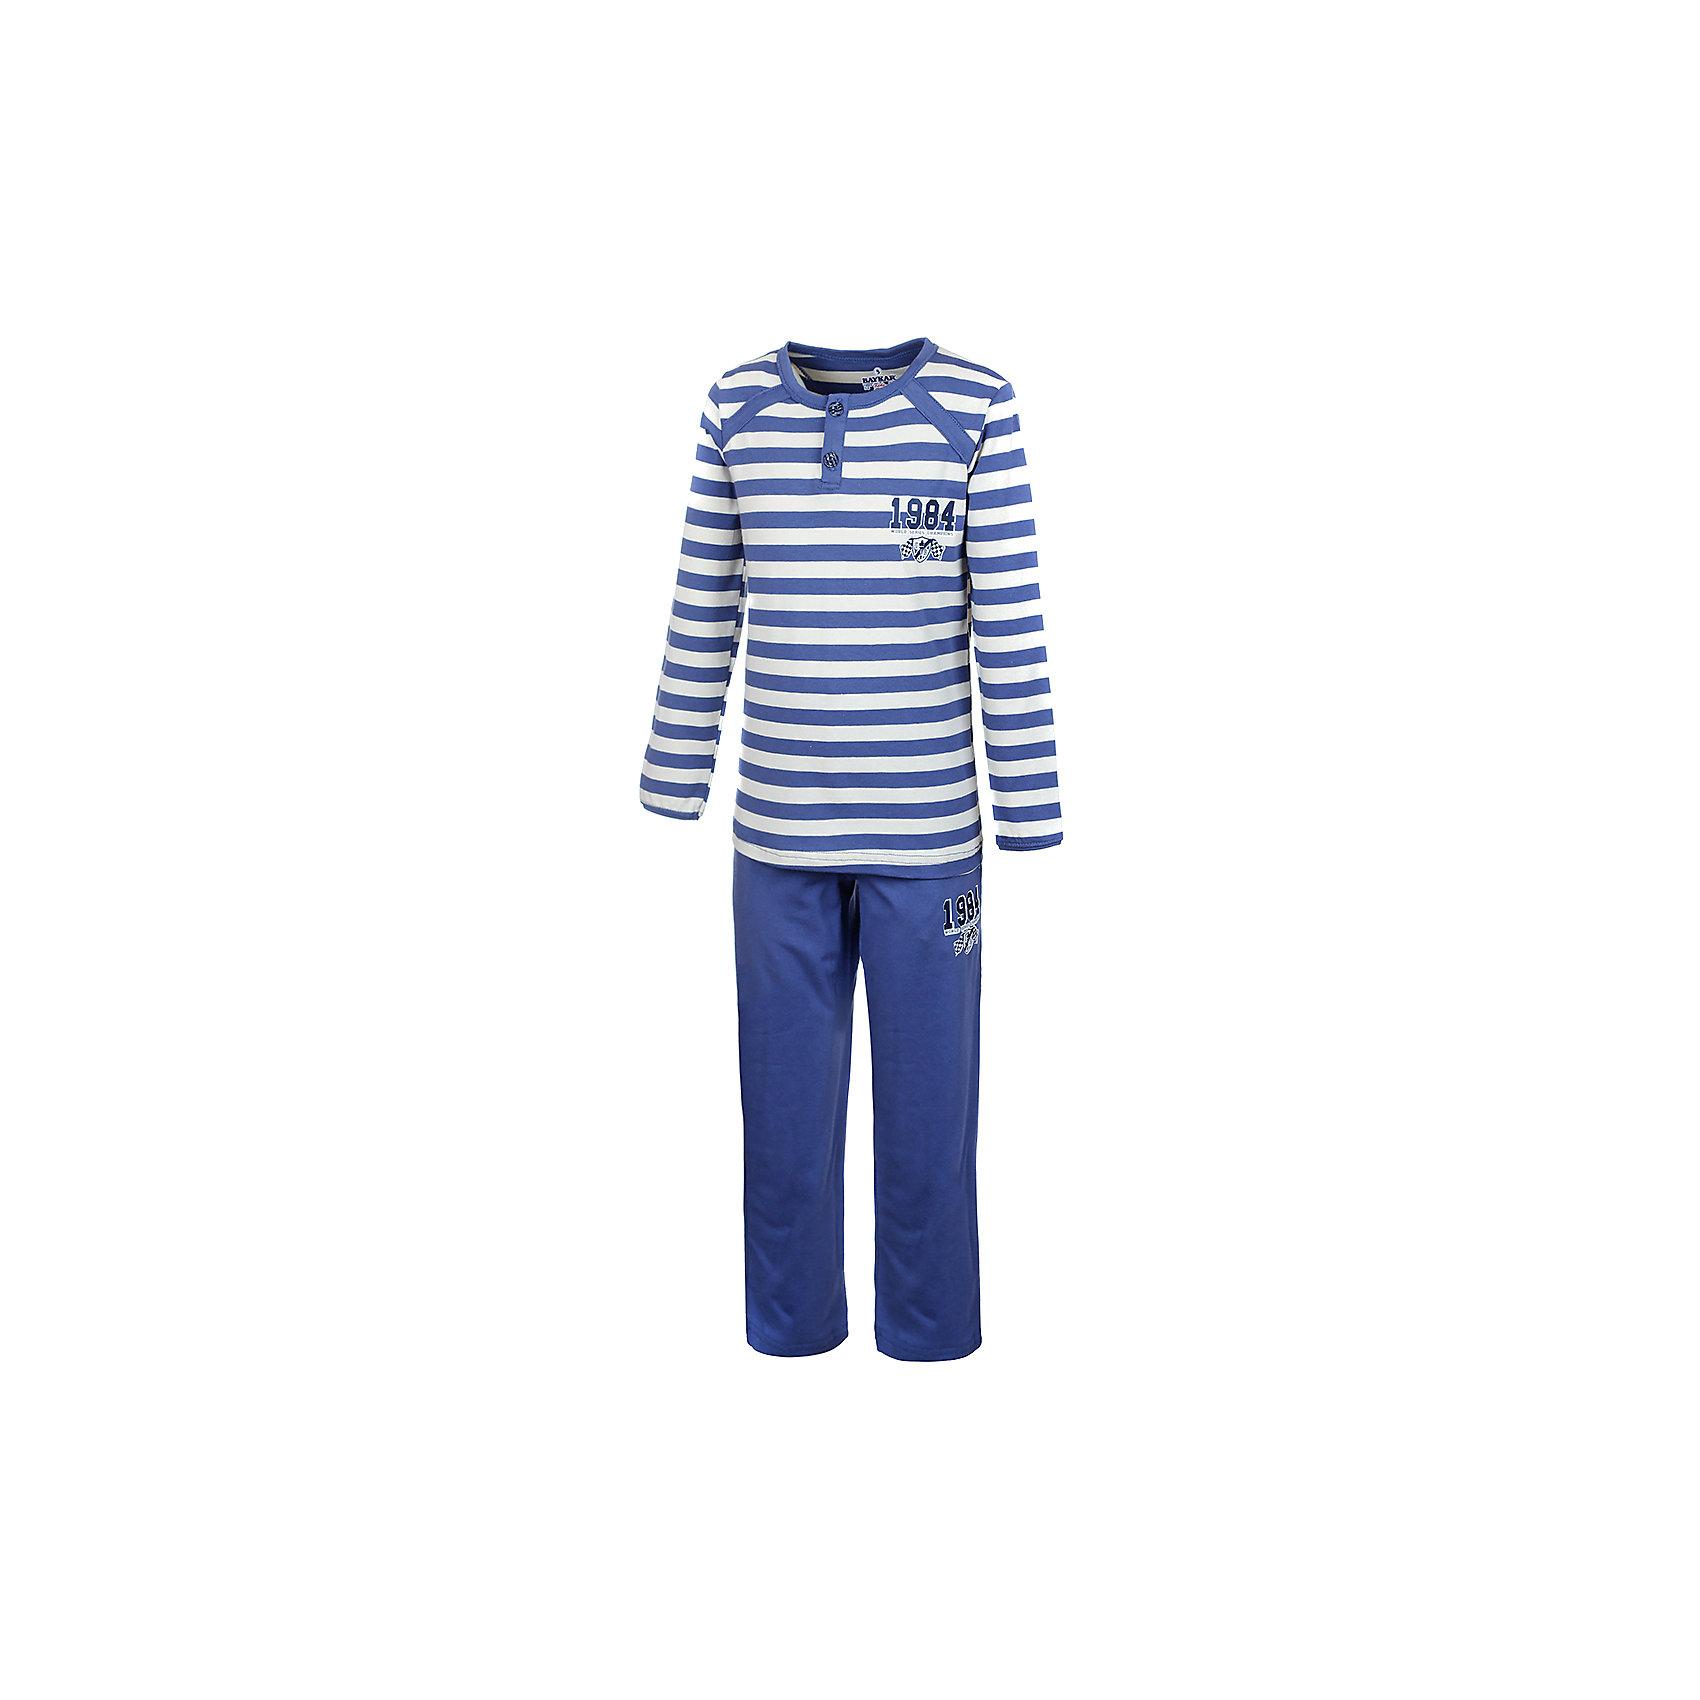 Пижама для мальчика BaykarПижамы и сорочки<br>Характеристики товара:<br><br>• цвет: синий<br>• состав ткани: 95% хлопок; 5% эластан<br>• комплектация: кофта, брюки<br>• пояс брюк: резинка<br>• сезон: круглый год<br>• страна бренда: Турция<br>• страна изготовитель: Турция<br><br>Пижама для мальчика Baykar украшена симпатичным принтом. Этот комплект для сна из кофты и брюк сделан из мягкого дышащего материала. <br><br>Продуманный крой обеспечивает комфортную посадку. Качественная пижама для мальчика позволяет обеспечить комфортный сон.<br><br>Пижаму для мальчика Baykar (Байкар) можно купить в нашем интернет-магазине.<br><br>Ширина мм: 281<br>Глубина мм: 70<br>Высота мм: 188<br>Вес г: 295<br>Цвет: белый<br>Возраст от месяцев: 72<br>Возраст до месяцев: 84<br>Пол: Мужской<br>Возраст: Детский<br>Размер: 116/122,98/104,104/110,110/116<br>SKU: 6764749